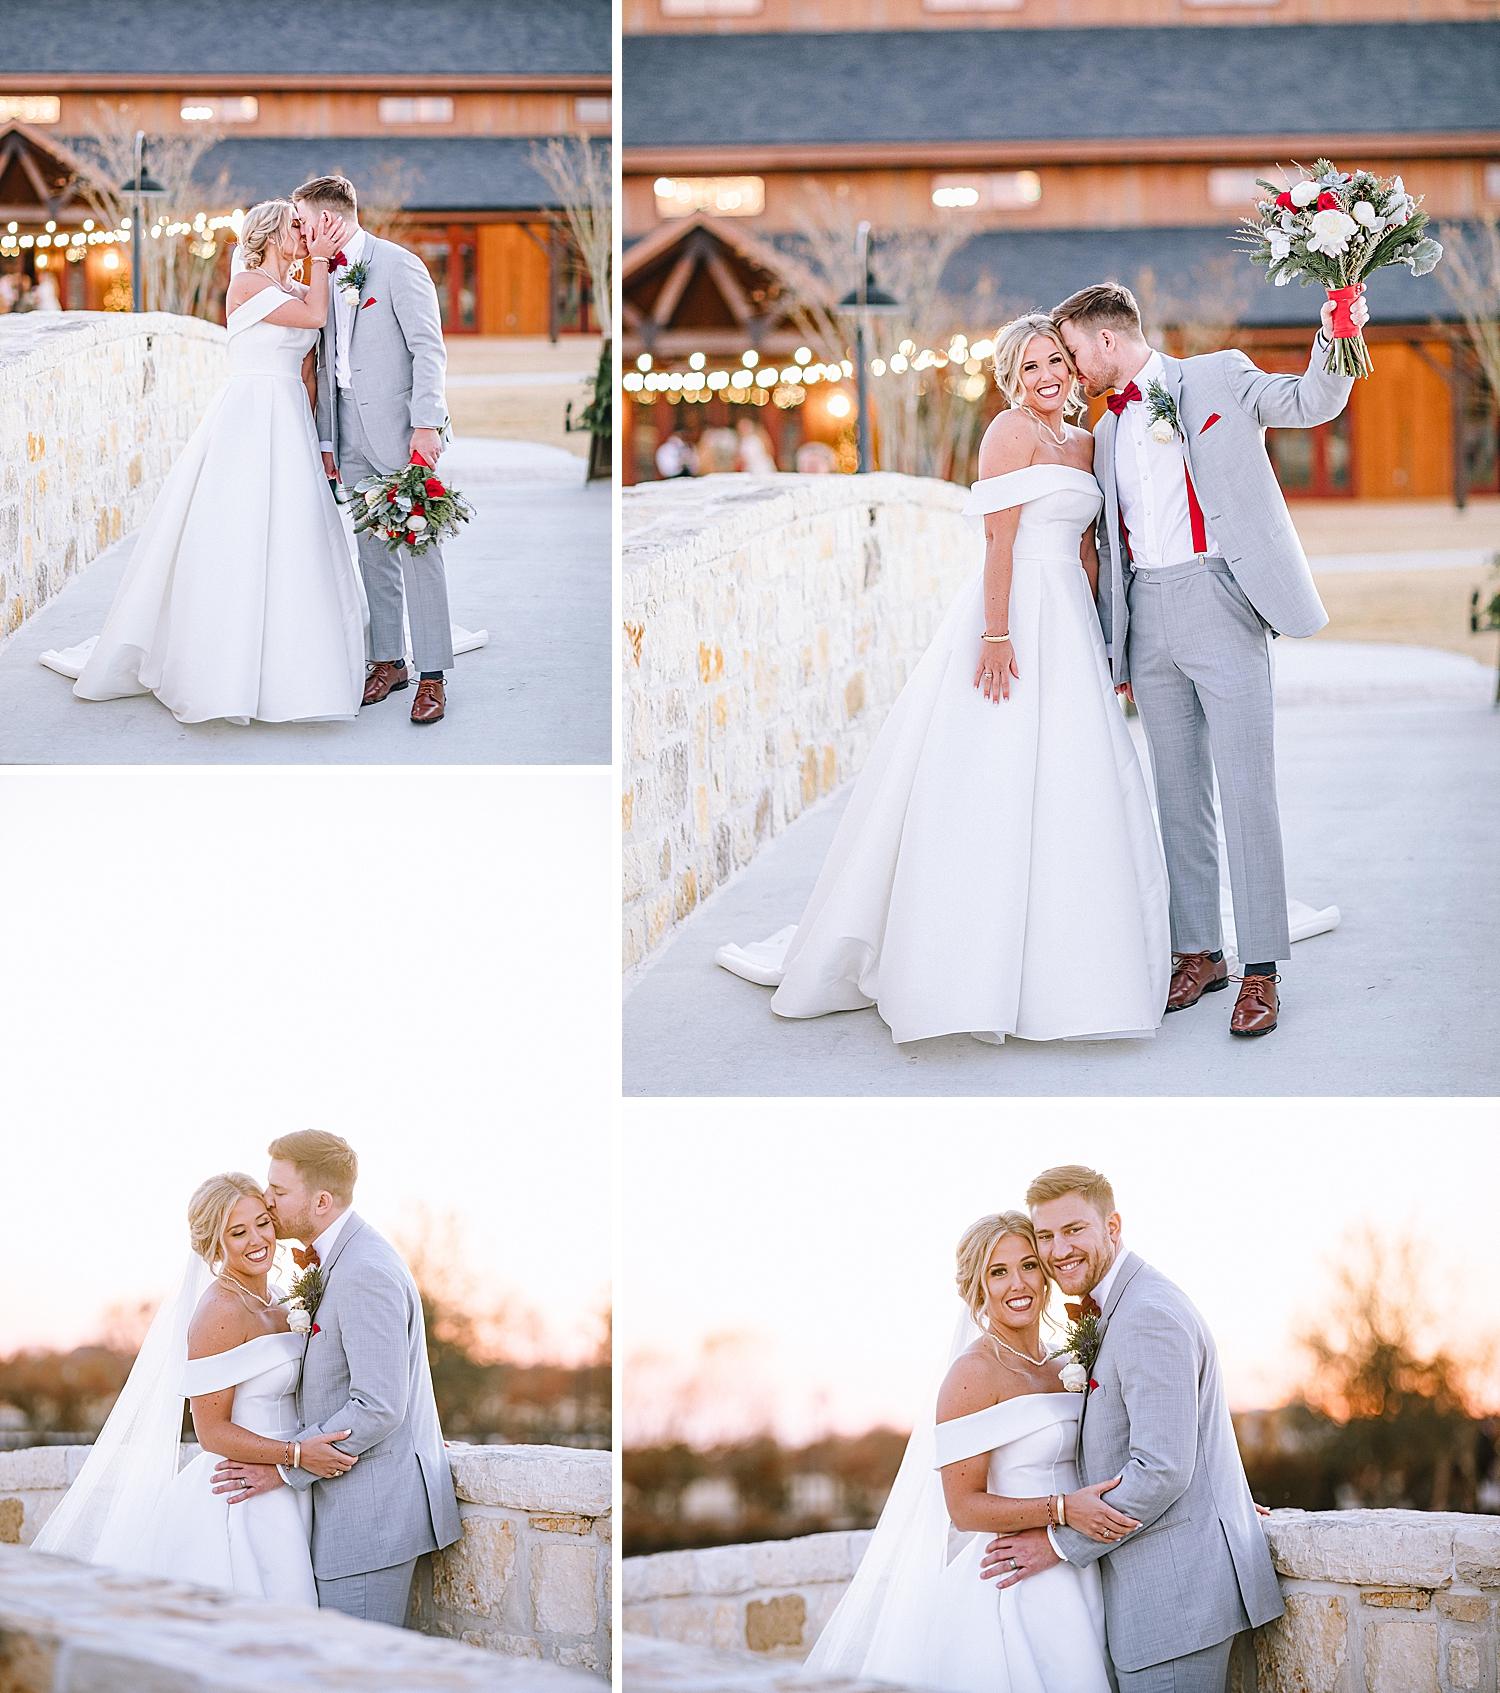 College-Station-Aggie-Wedding-The-Weinberg-at-Wixon-Valley-Christmas-Hallmark-Wedding_0073.jpg